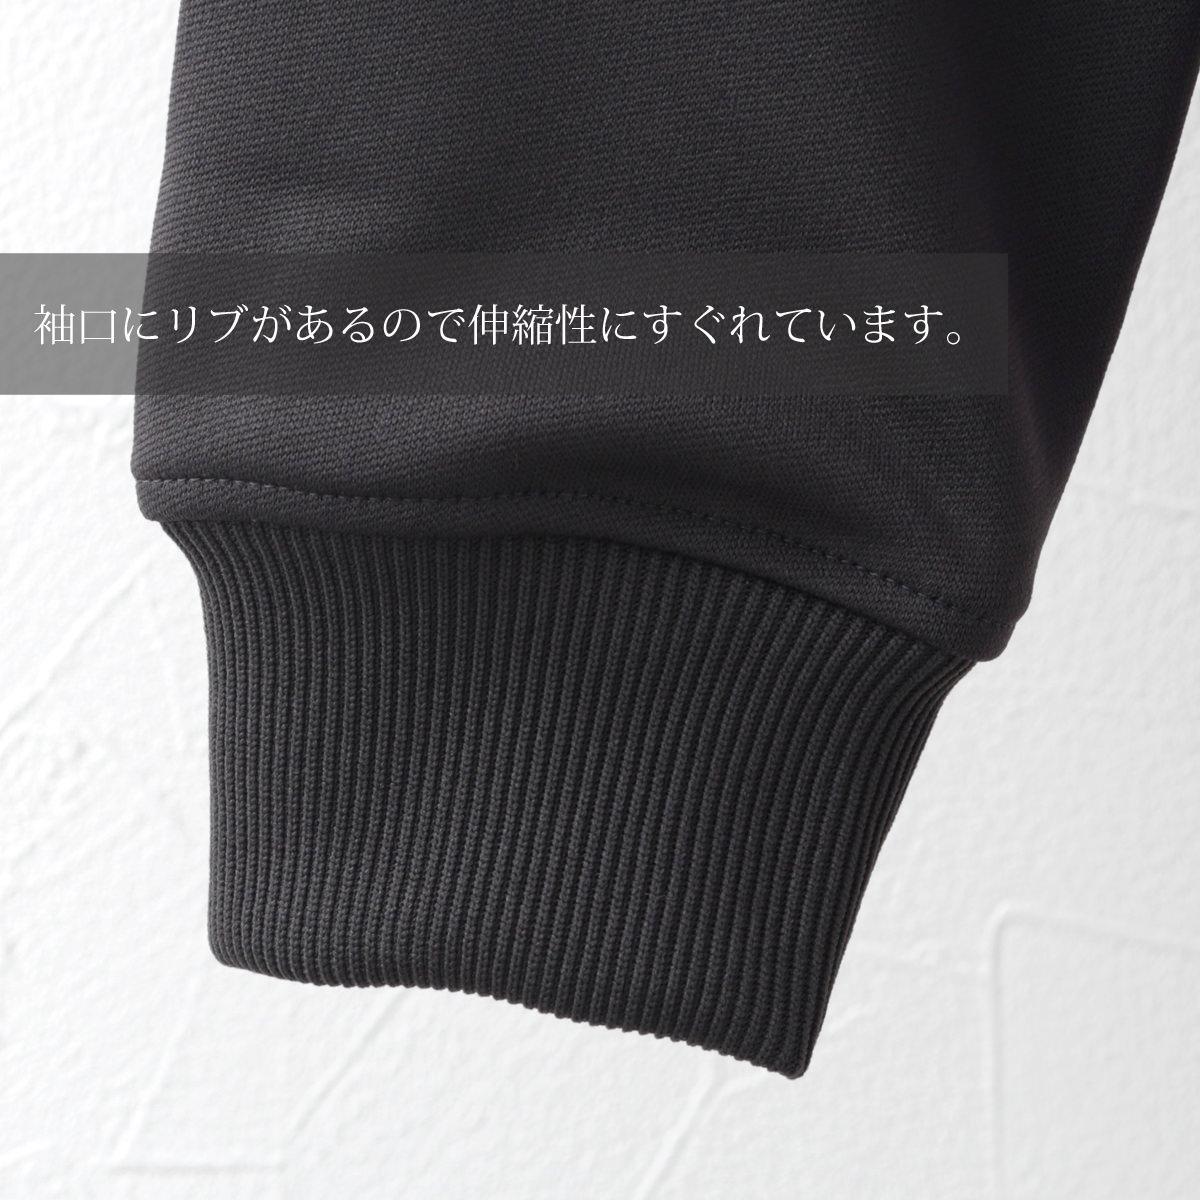 フレッドペリー 秋冬 メンズ 日本製 トラックジャケット Fred Perry 3色 ネオン ブラック 正規販売店 ギフト トラッド